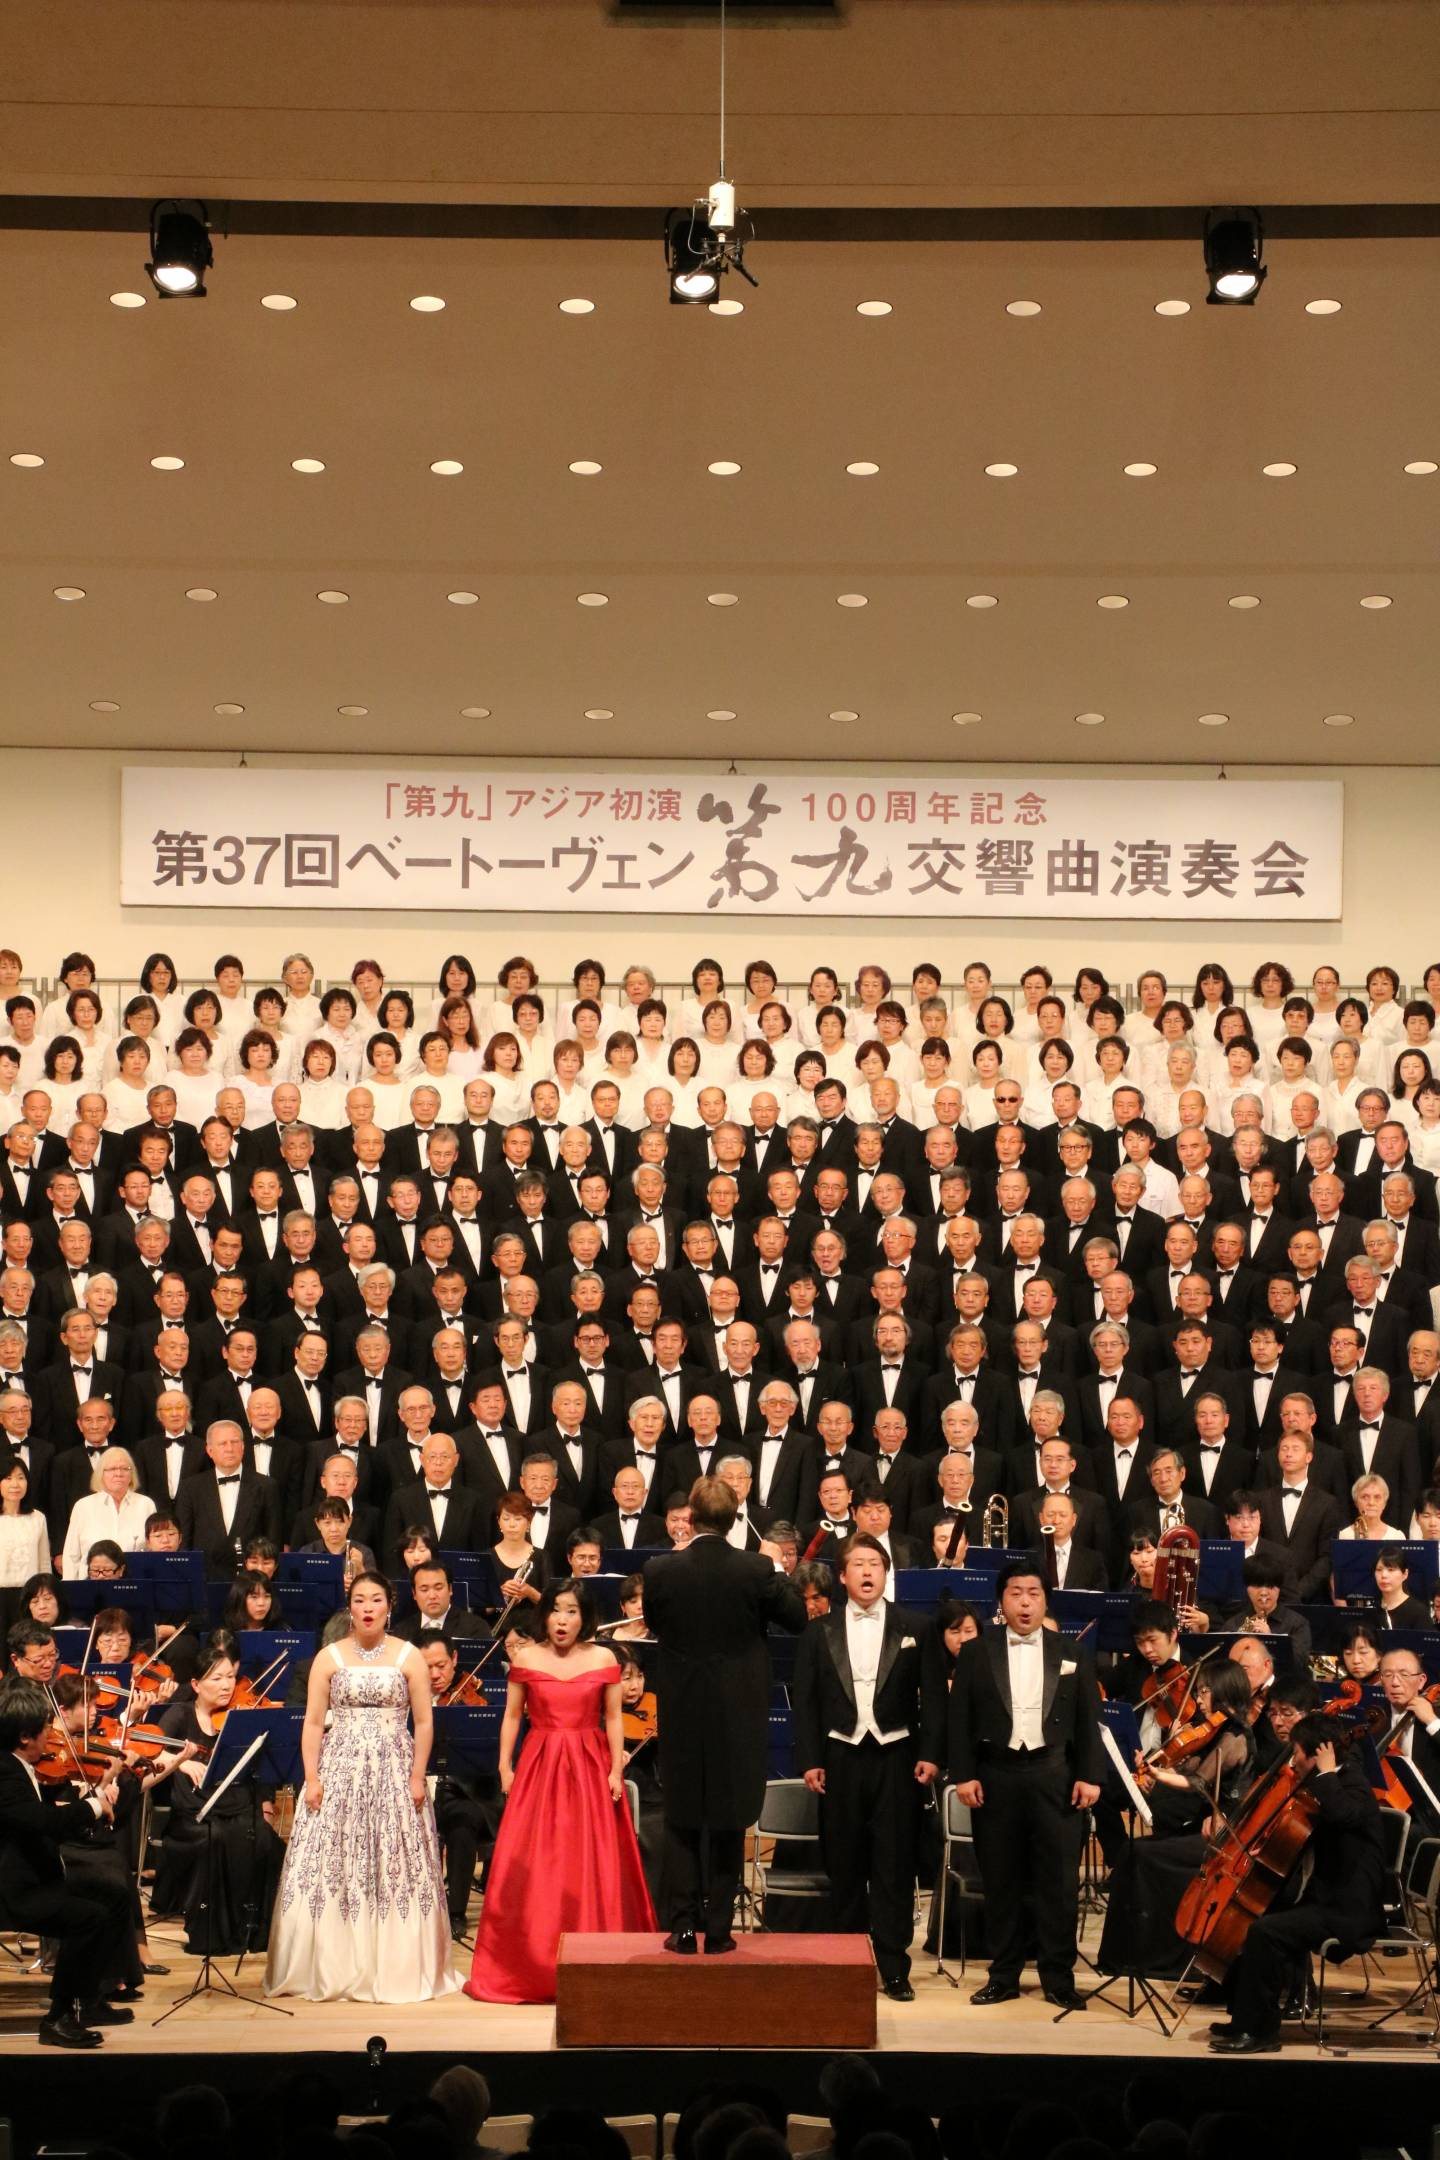 Über 1.200 Chorsänger und -sängerinnen aus Japan Deutschland, China und den USA versammelten sich für das Jubiläumskonzert in der Kulturhalle Naruto.